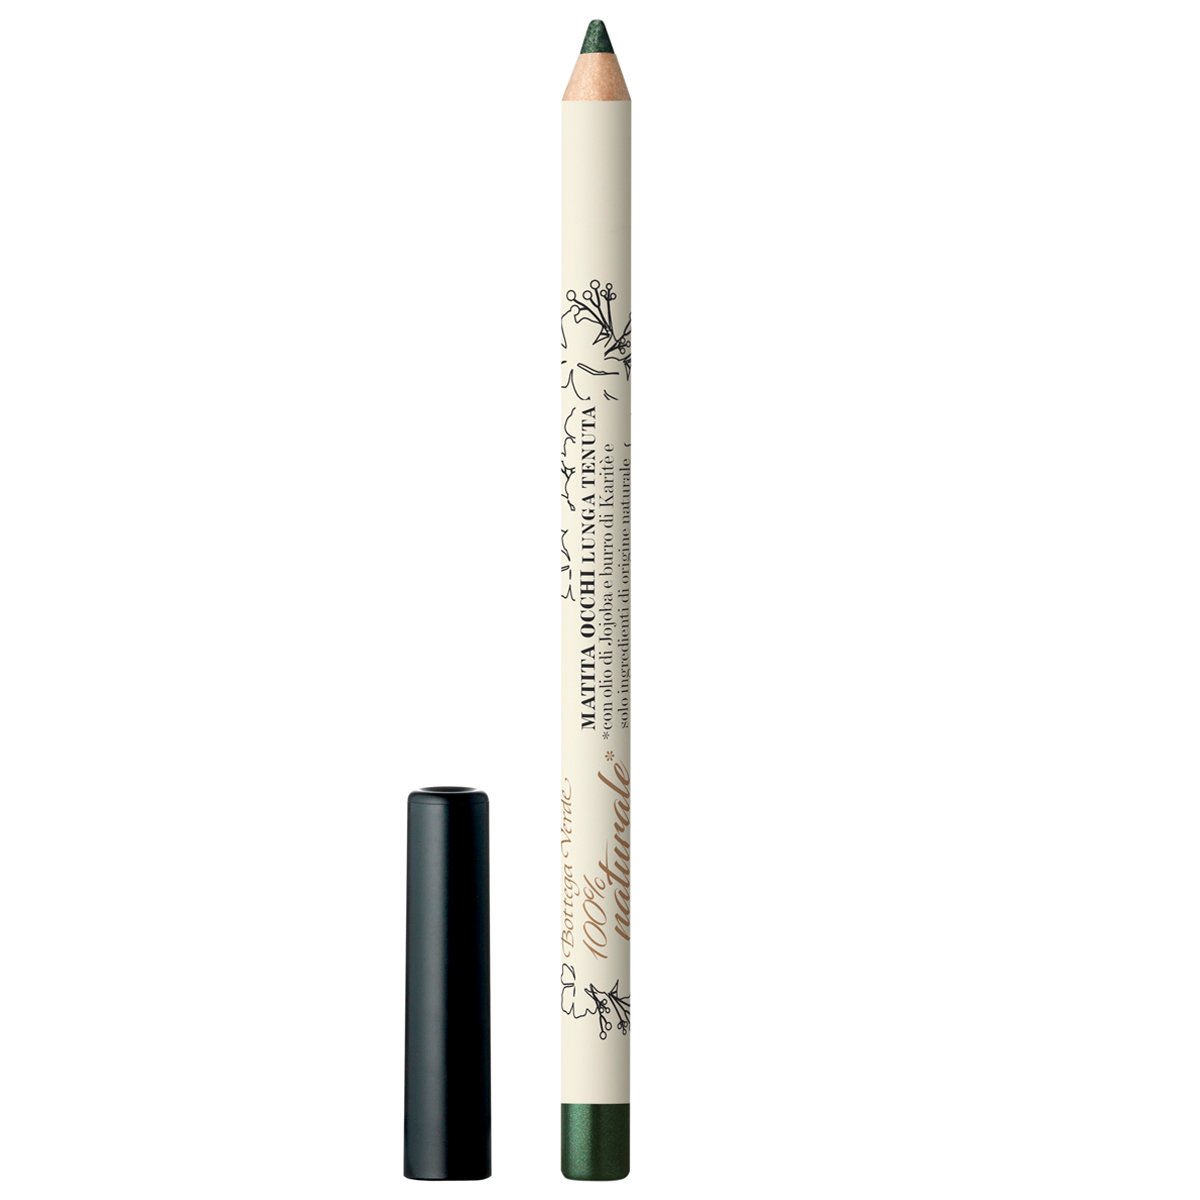 Creion pentru ochi alungiti, cu ulei de jojoba si unt de shea - delicat si intens